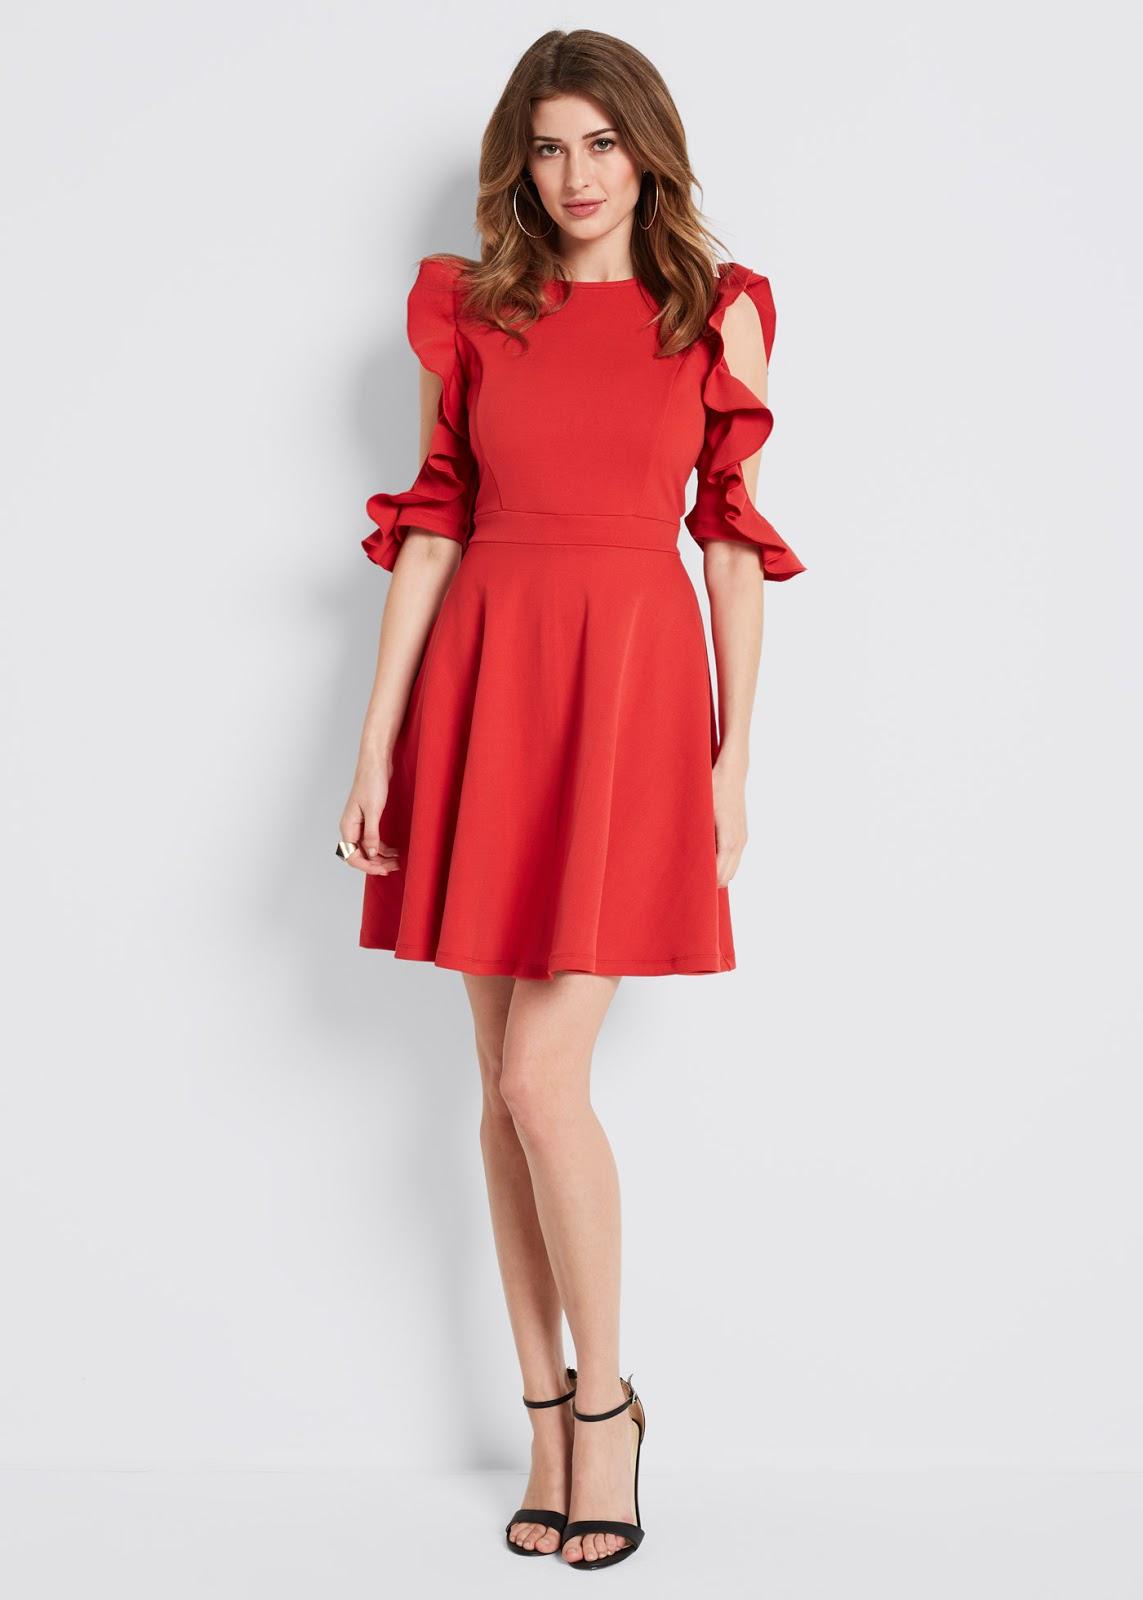 f3041f625 Confira minhas escolhas ou então confira a loja online! Tenho certeza que  você também vai encontrar muitos vestidos lindos que você vai amar!